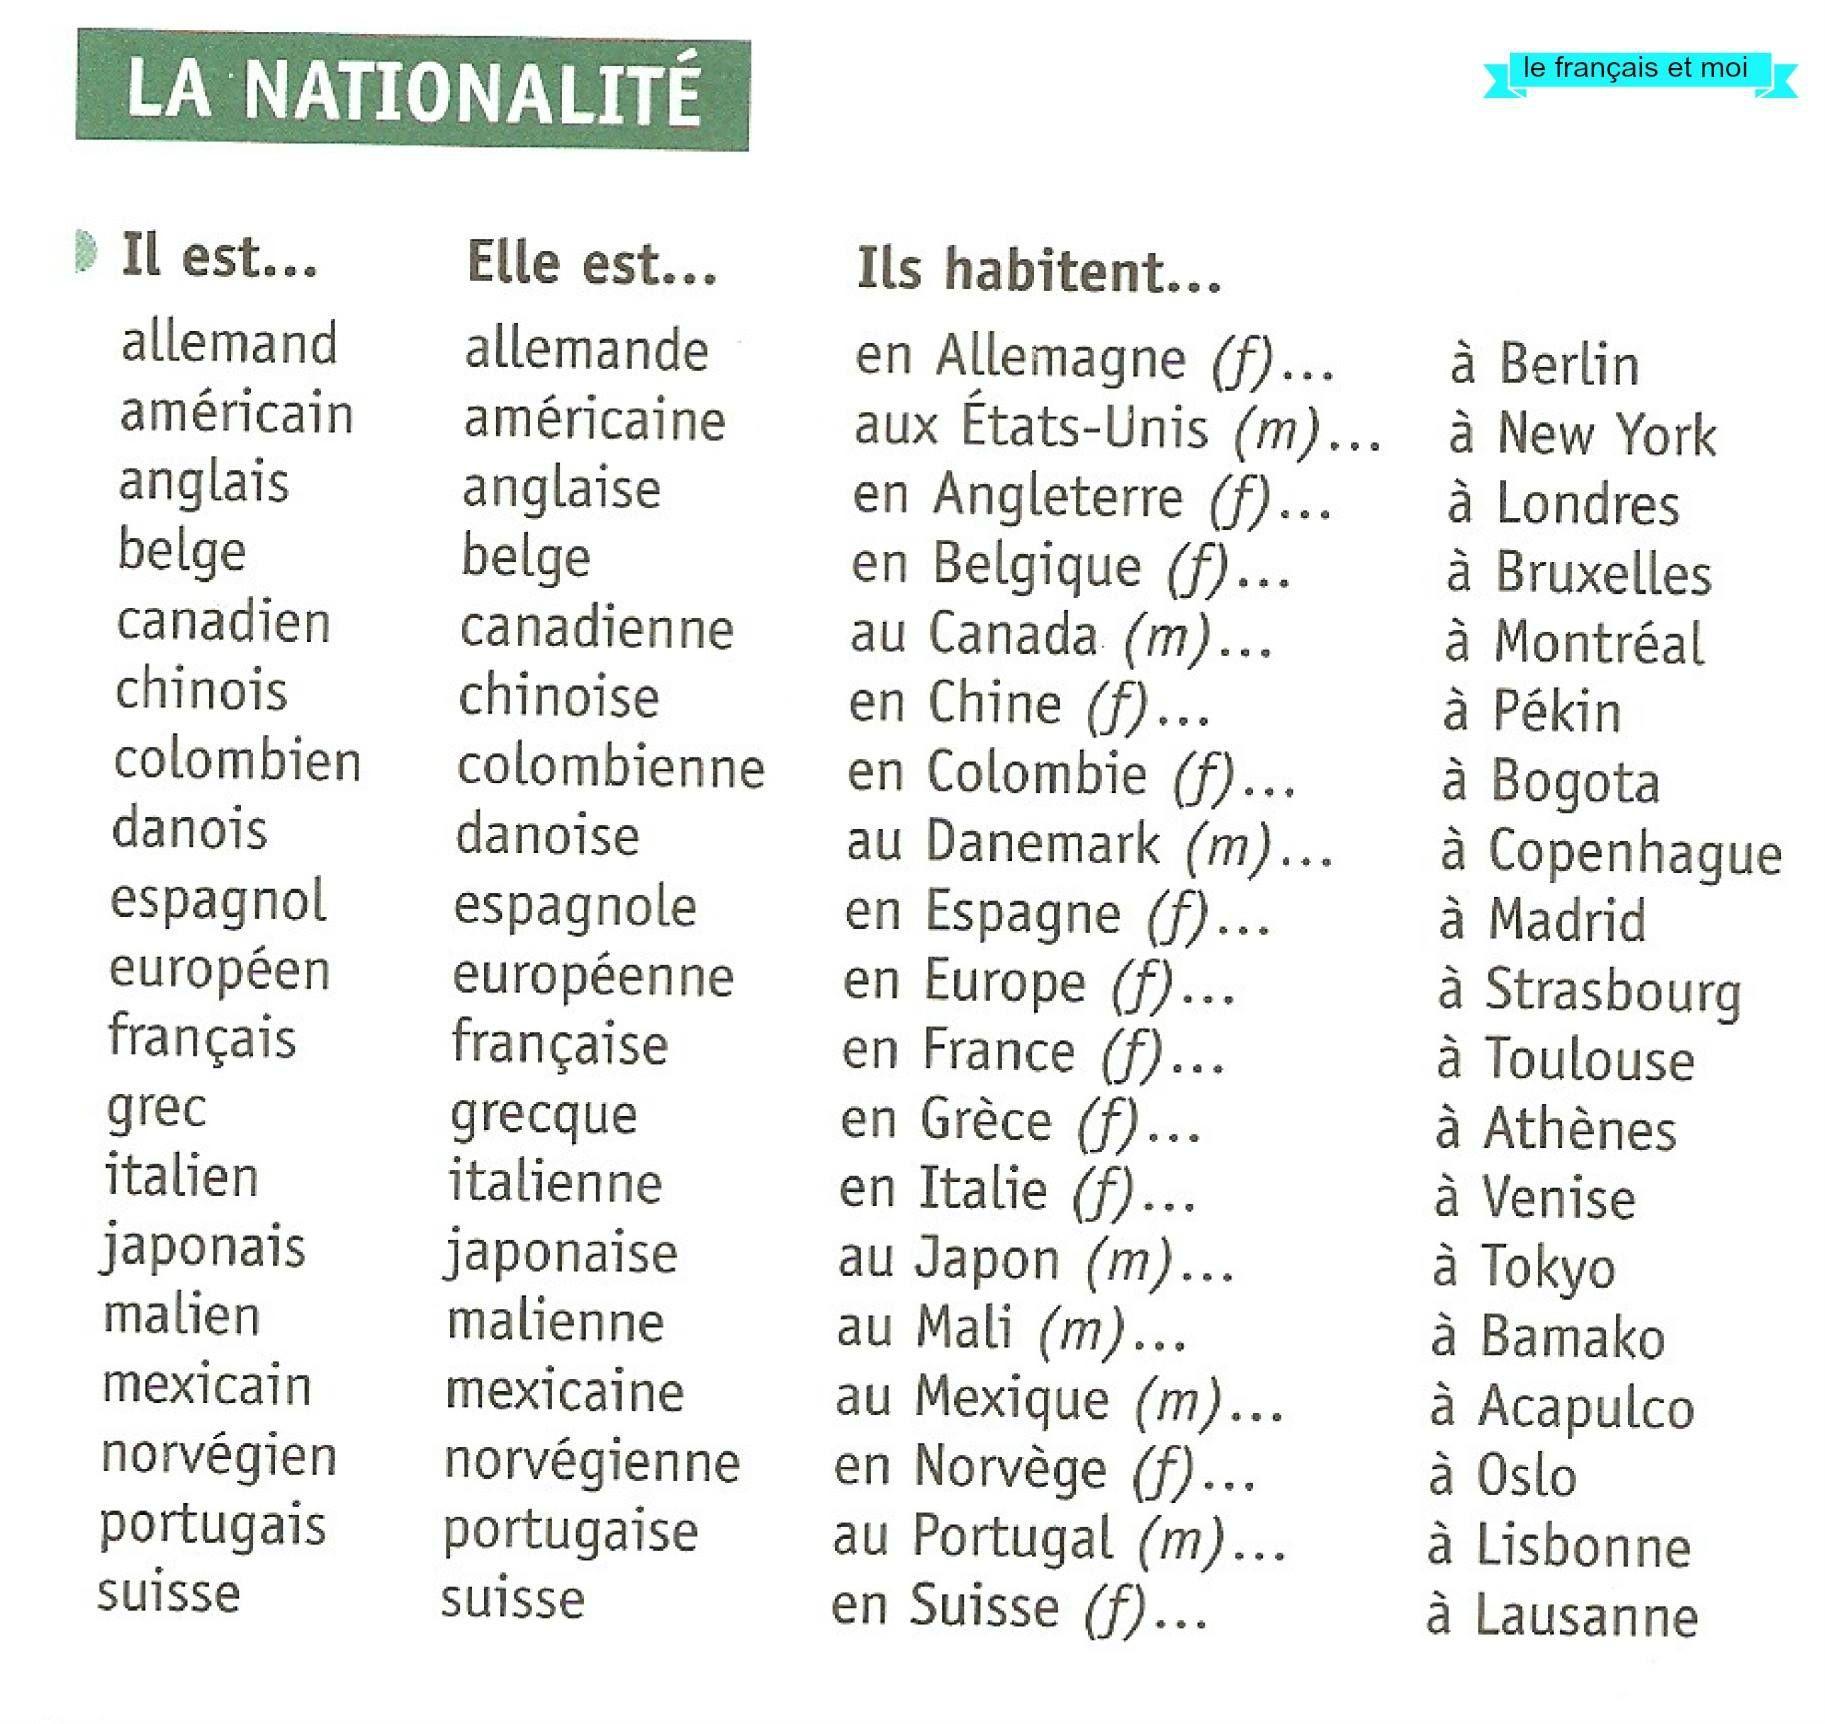 la nationalit u00e9 et pr u00e9positions avec noms de lieux